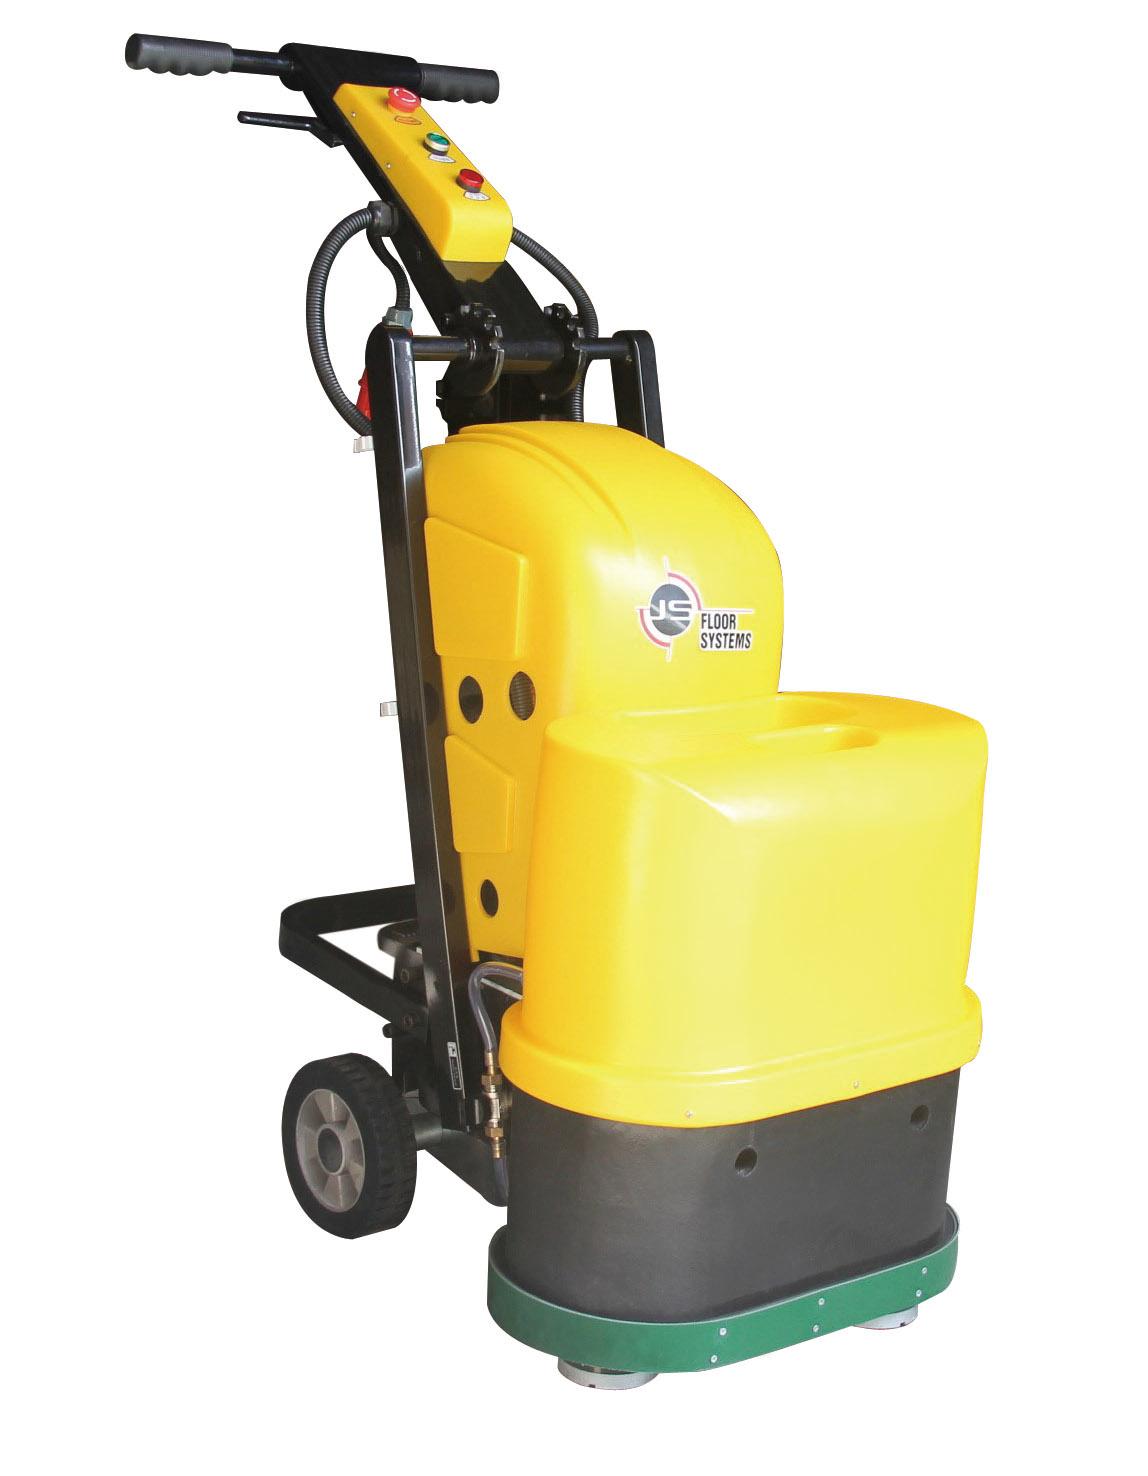 地坪研磨机 地坪抛光机 12头研磨机 石材翻新机JS550